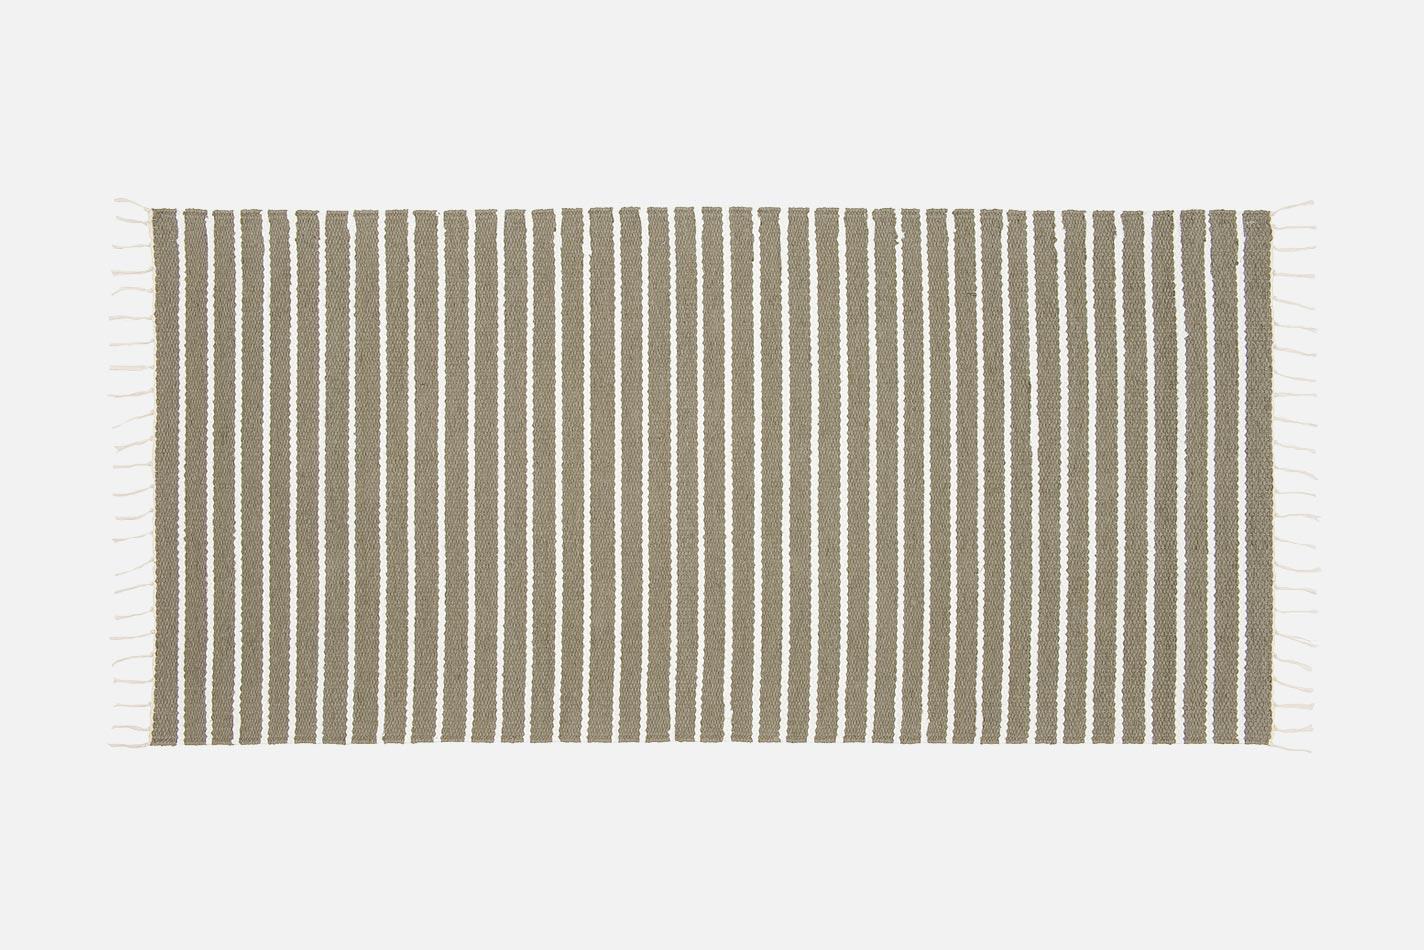 VM Carpet Aitta matto 4 beige-valkoinen, Design Ristomatti Ratia